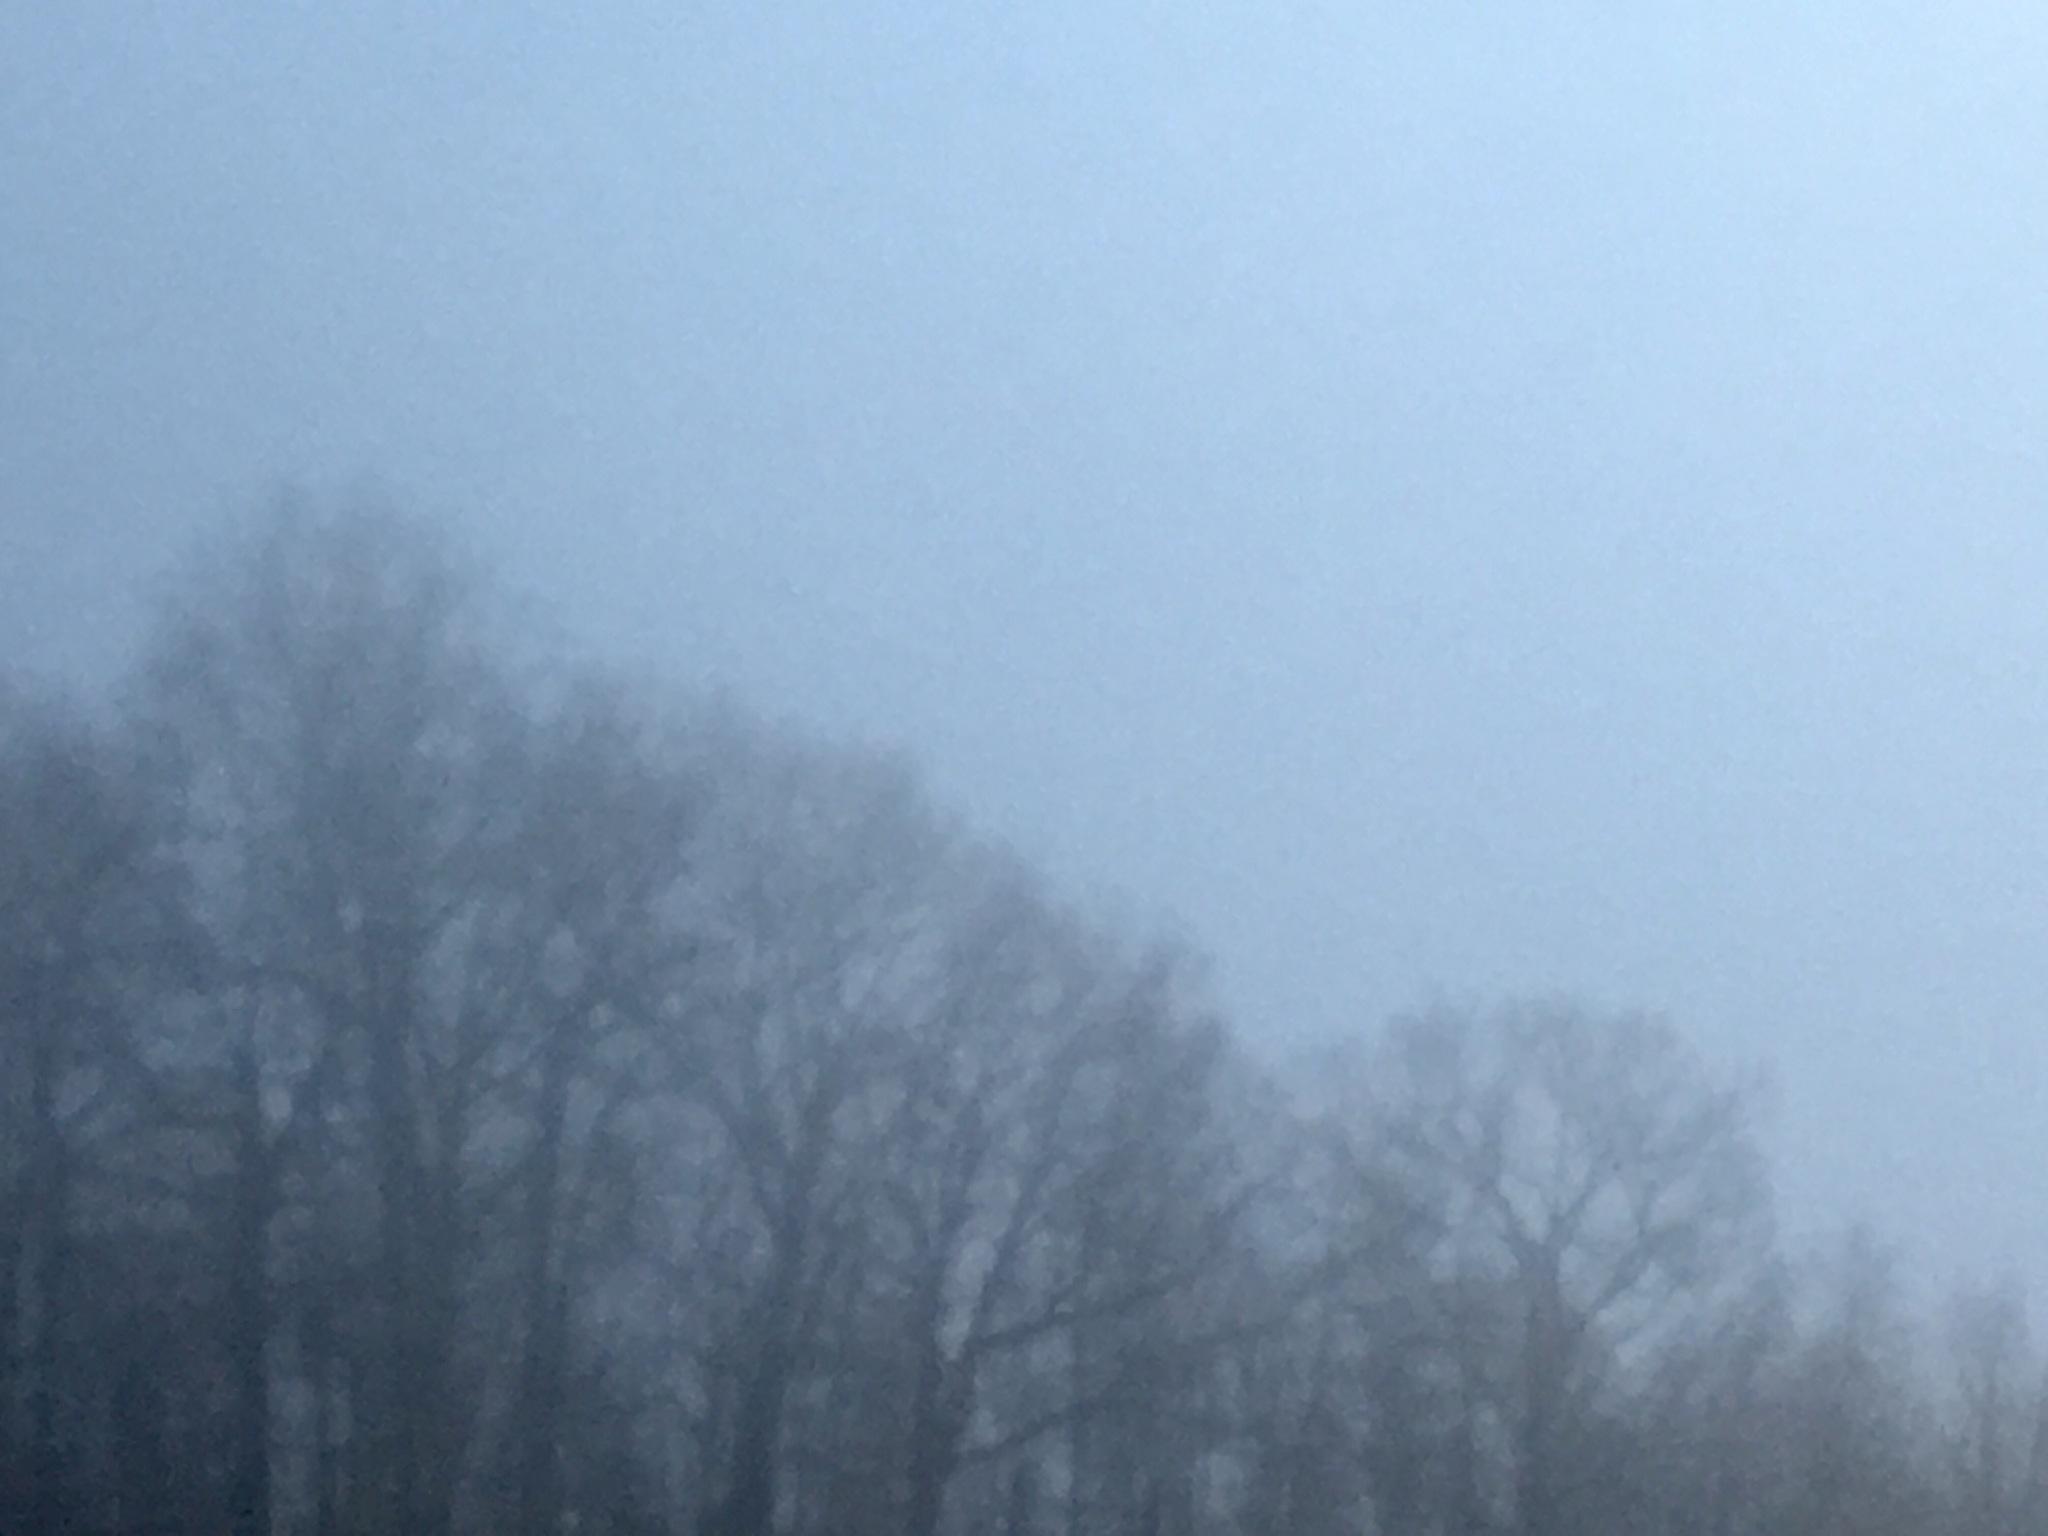 Mist by DonnaFuller